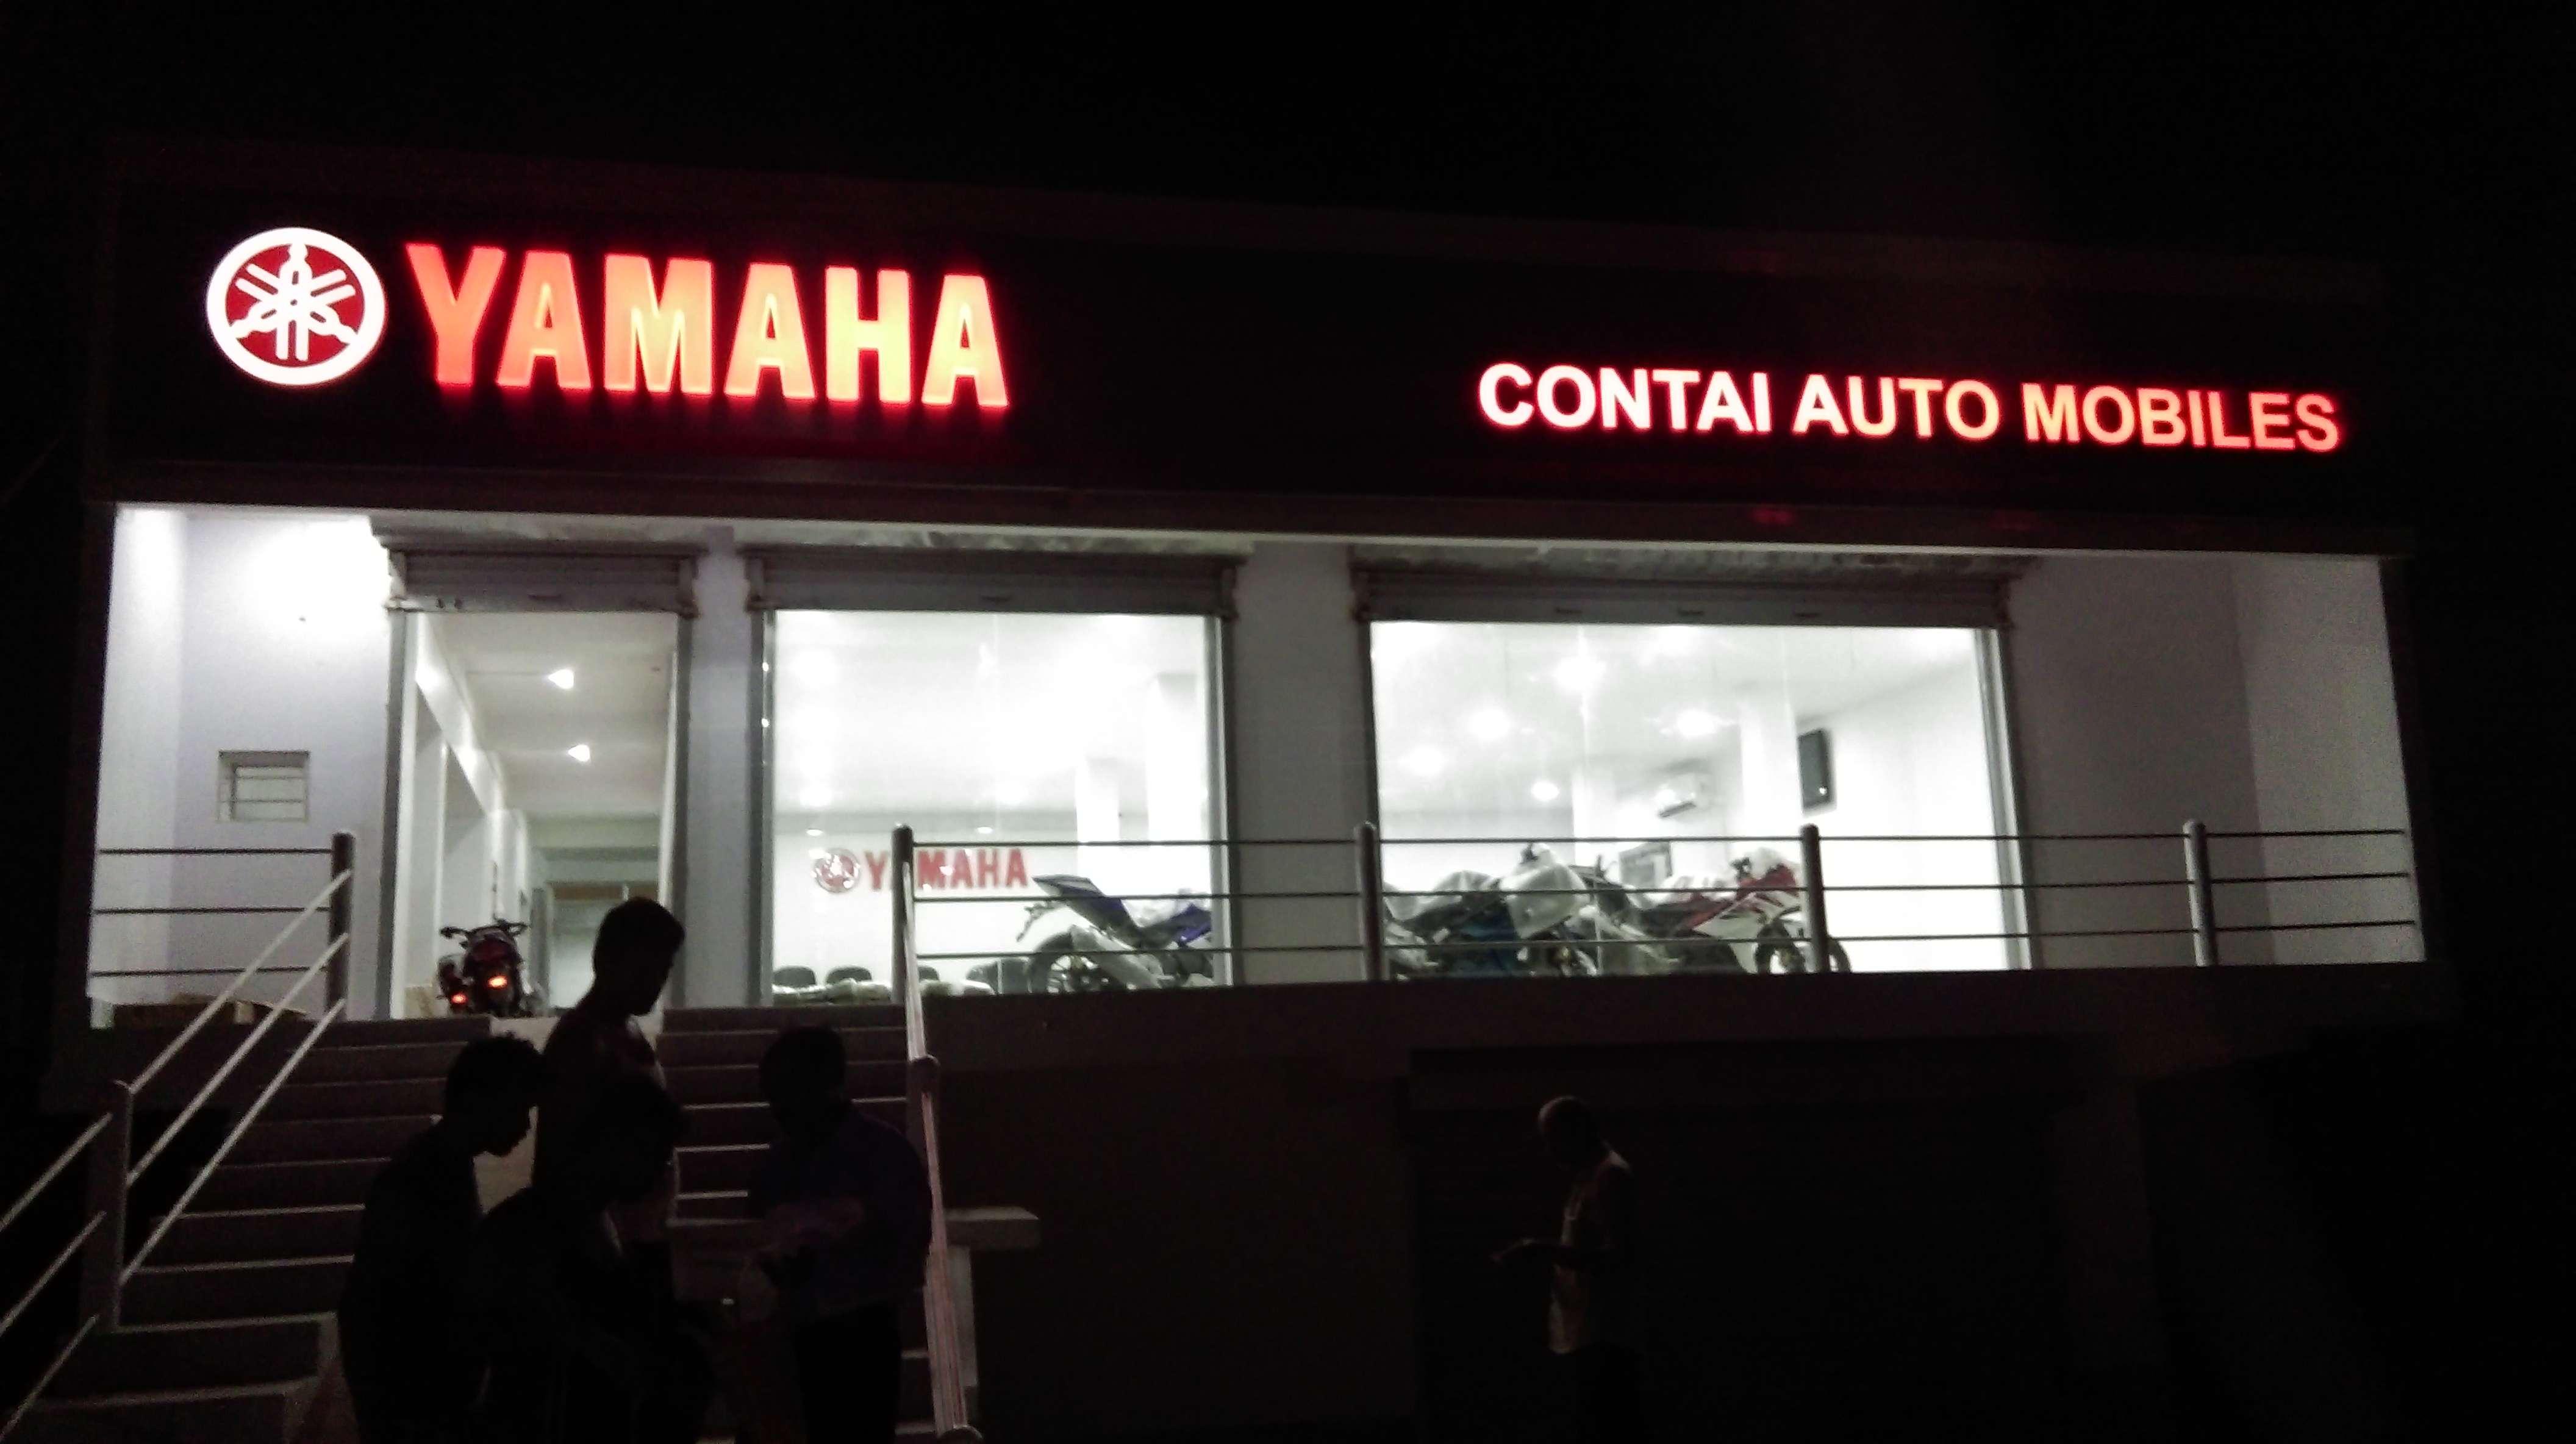 Contai Automobiles in Medinipur